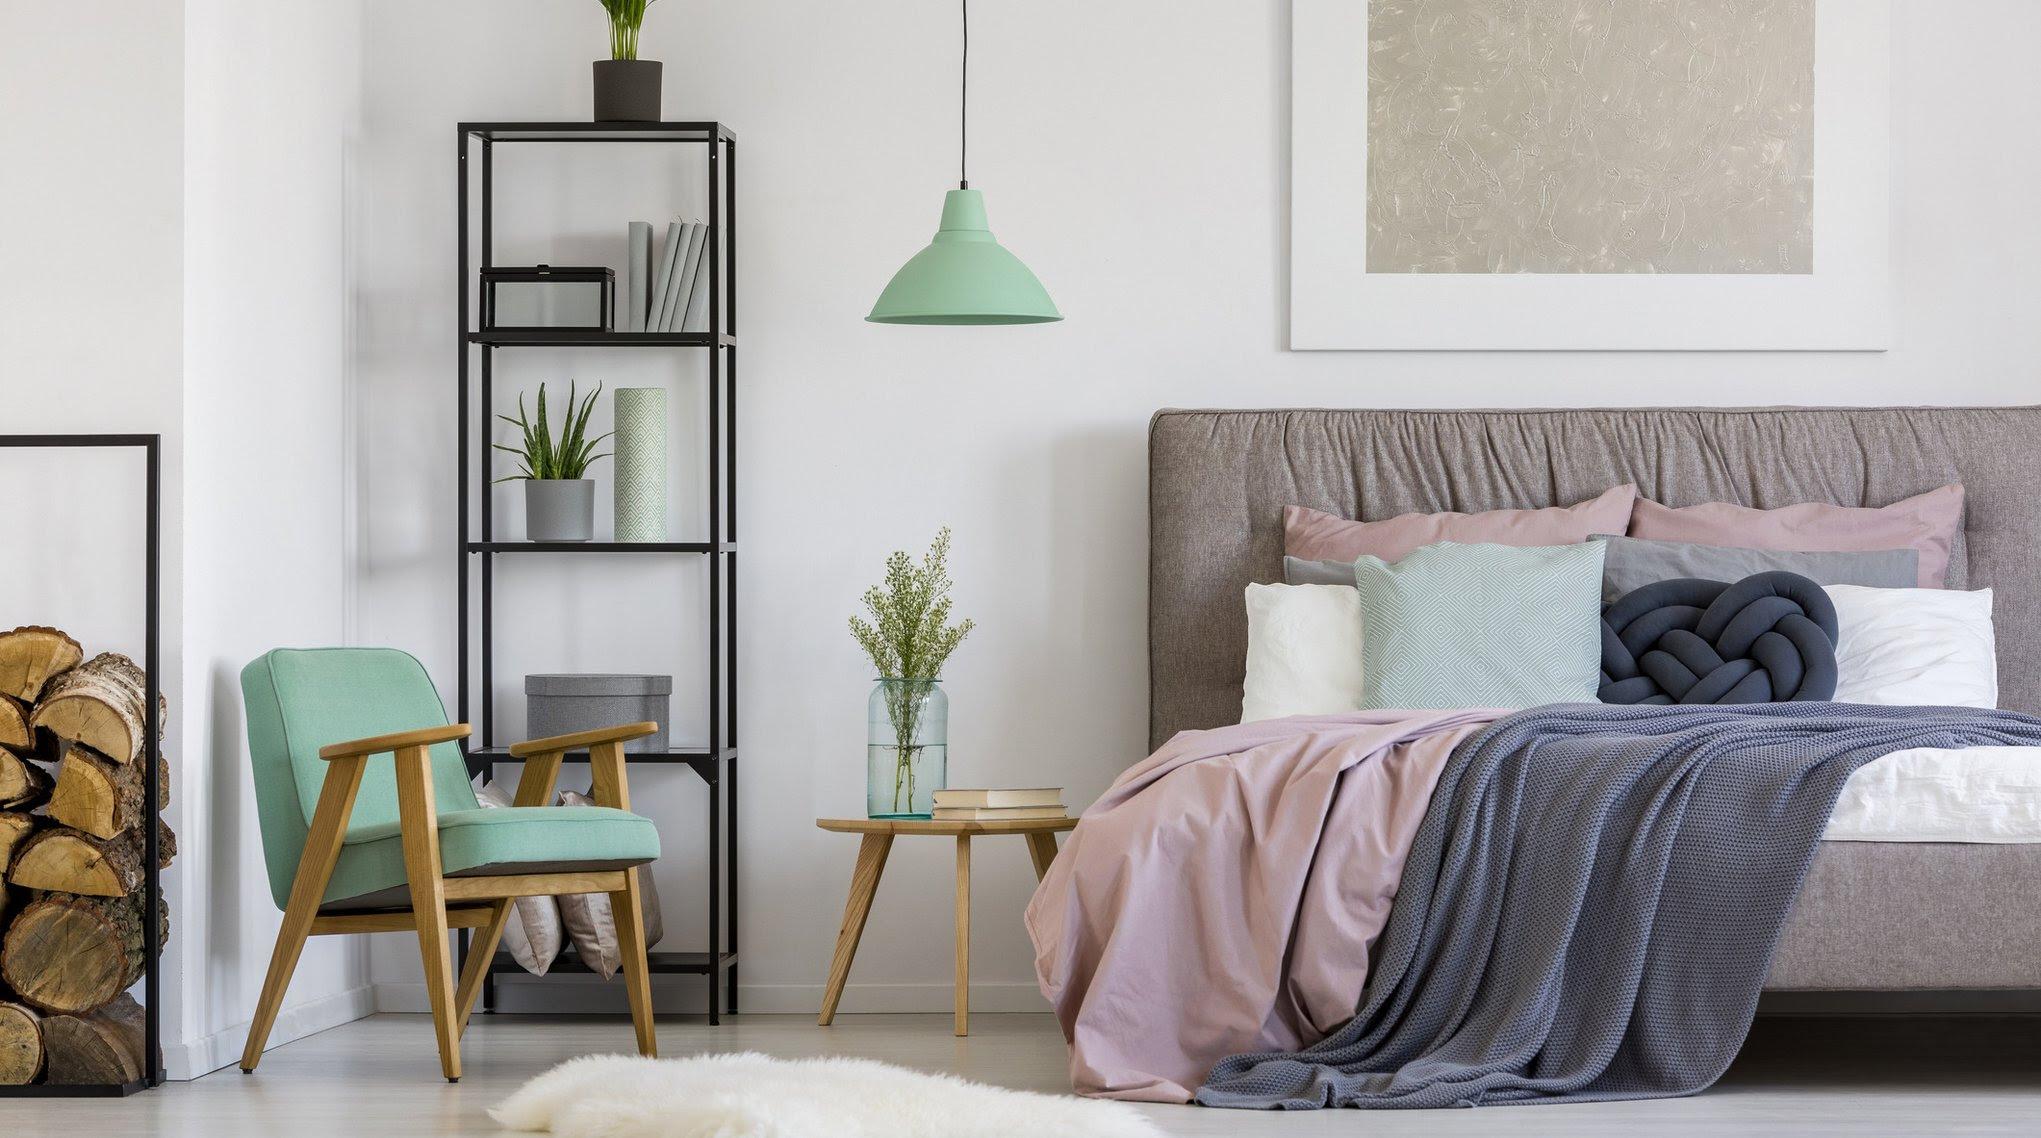 schlafzimmer wanddeko metall wanddekoration ideen holz